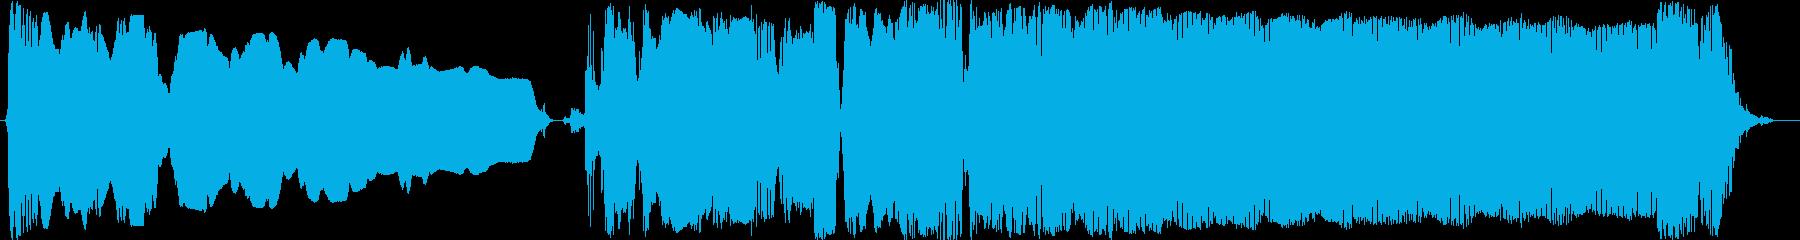 ブルースフレーズを用いたジングル用3の再生済みの波形